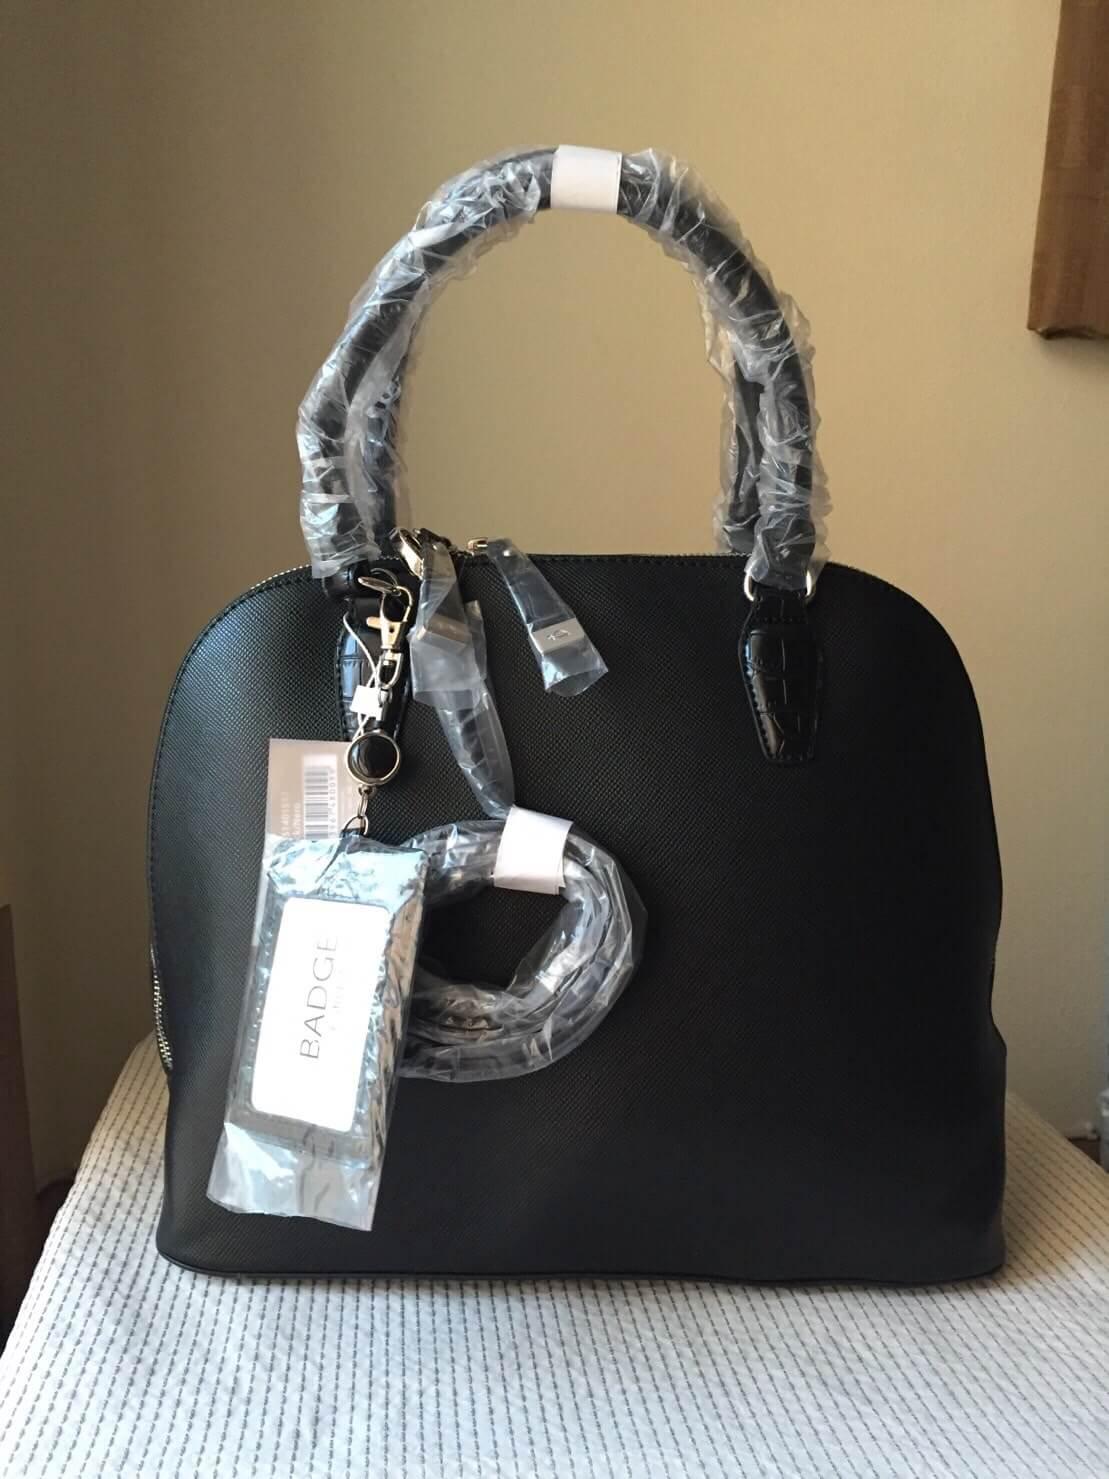 กระเป๋า Carpisa แบรนด์ดังจากอิตาลี หนัง saffiano เรียบหรูดูดี ทรงสุดฮอต ใบใหญ่